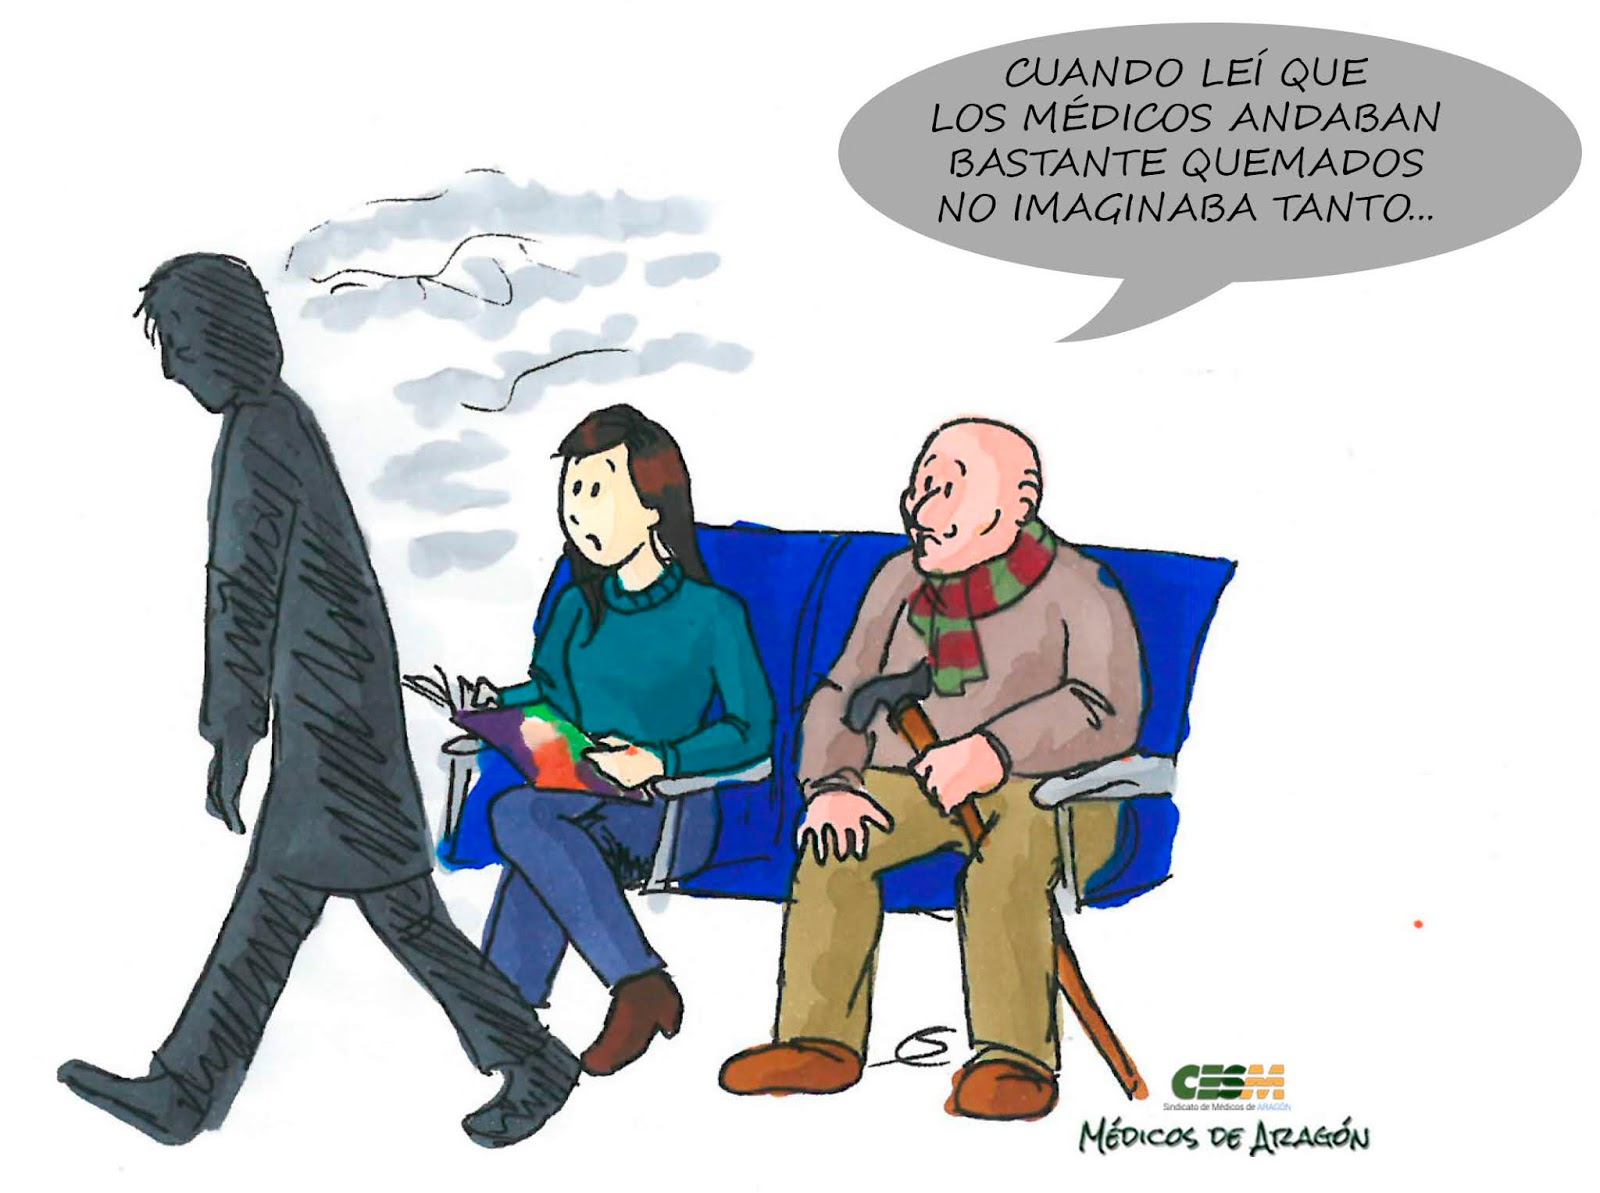 ¿CORONAVIRUS?. PARA EPIDEMIA EN ESPAÑA, LA DEL SOCARRAMIENTO DE SUS MÉDICOS